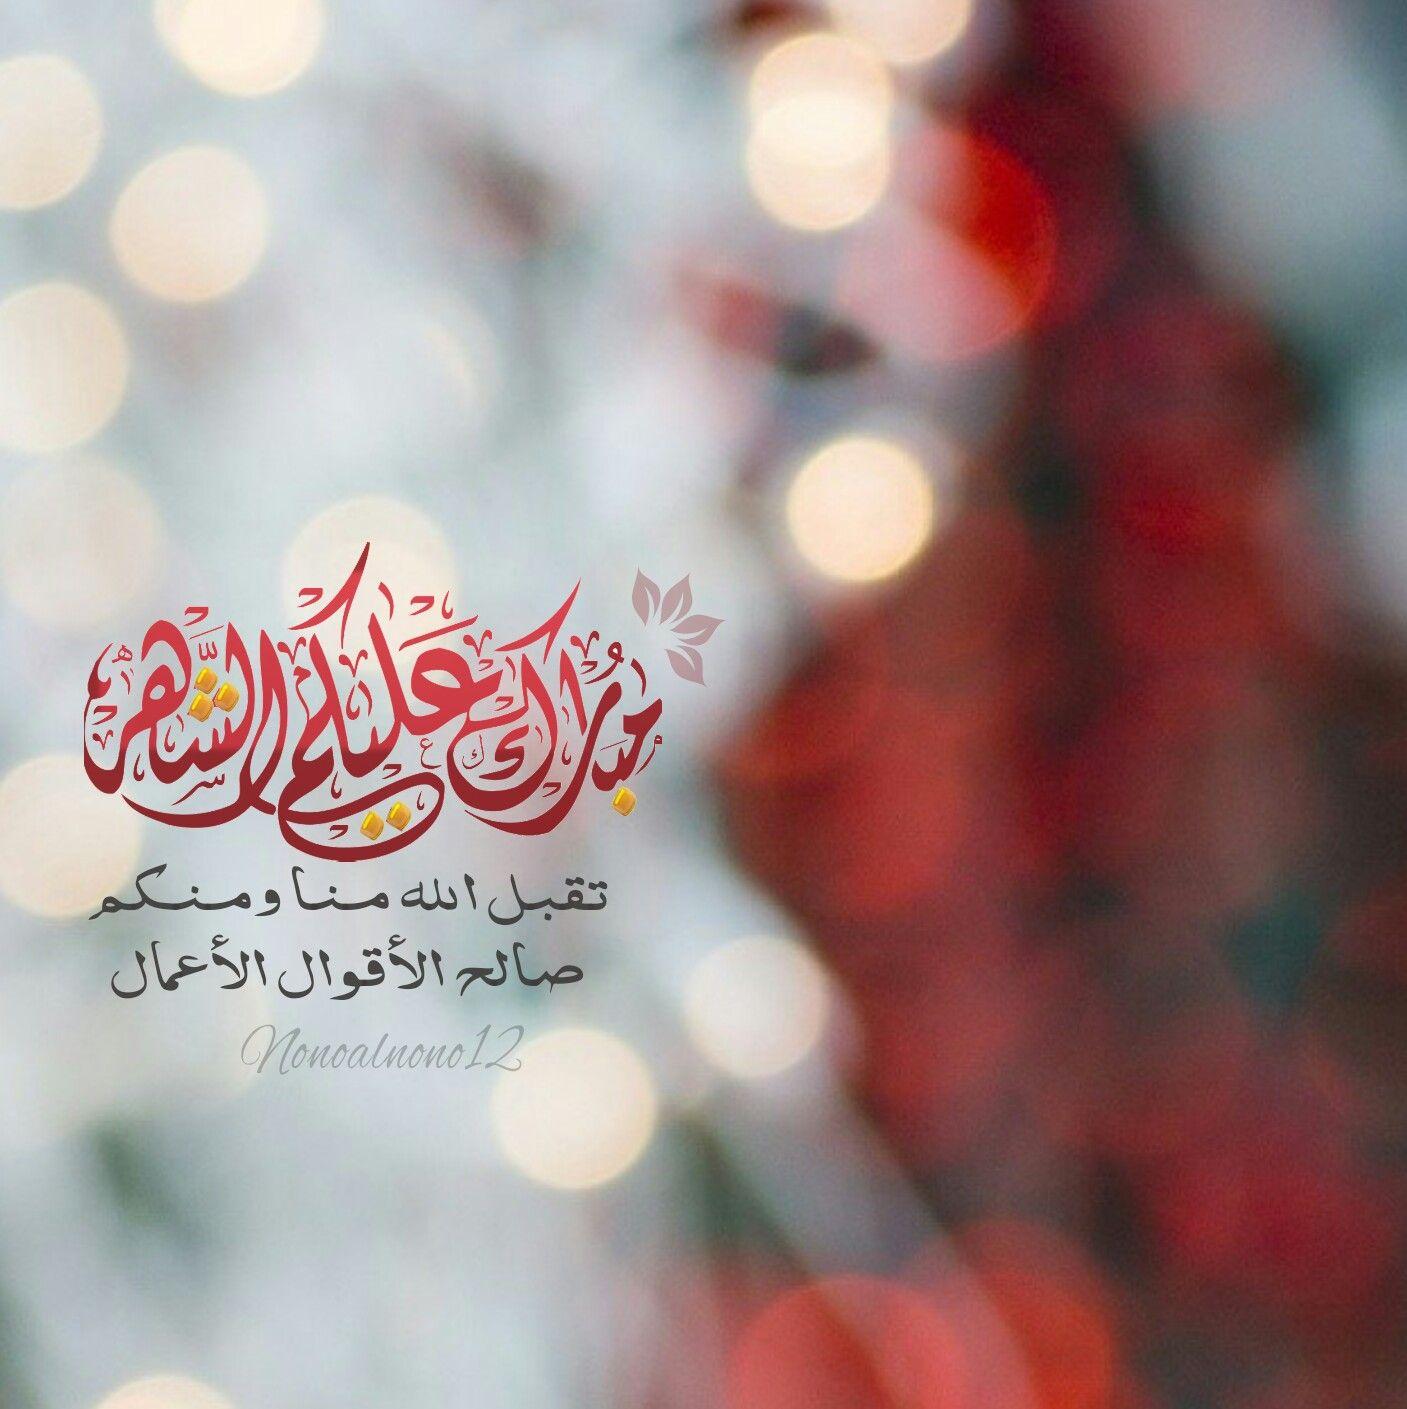 مبارك عليكم الشهر Ramadan Greetings Ramadan Kareem Eid Stickers